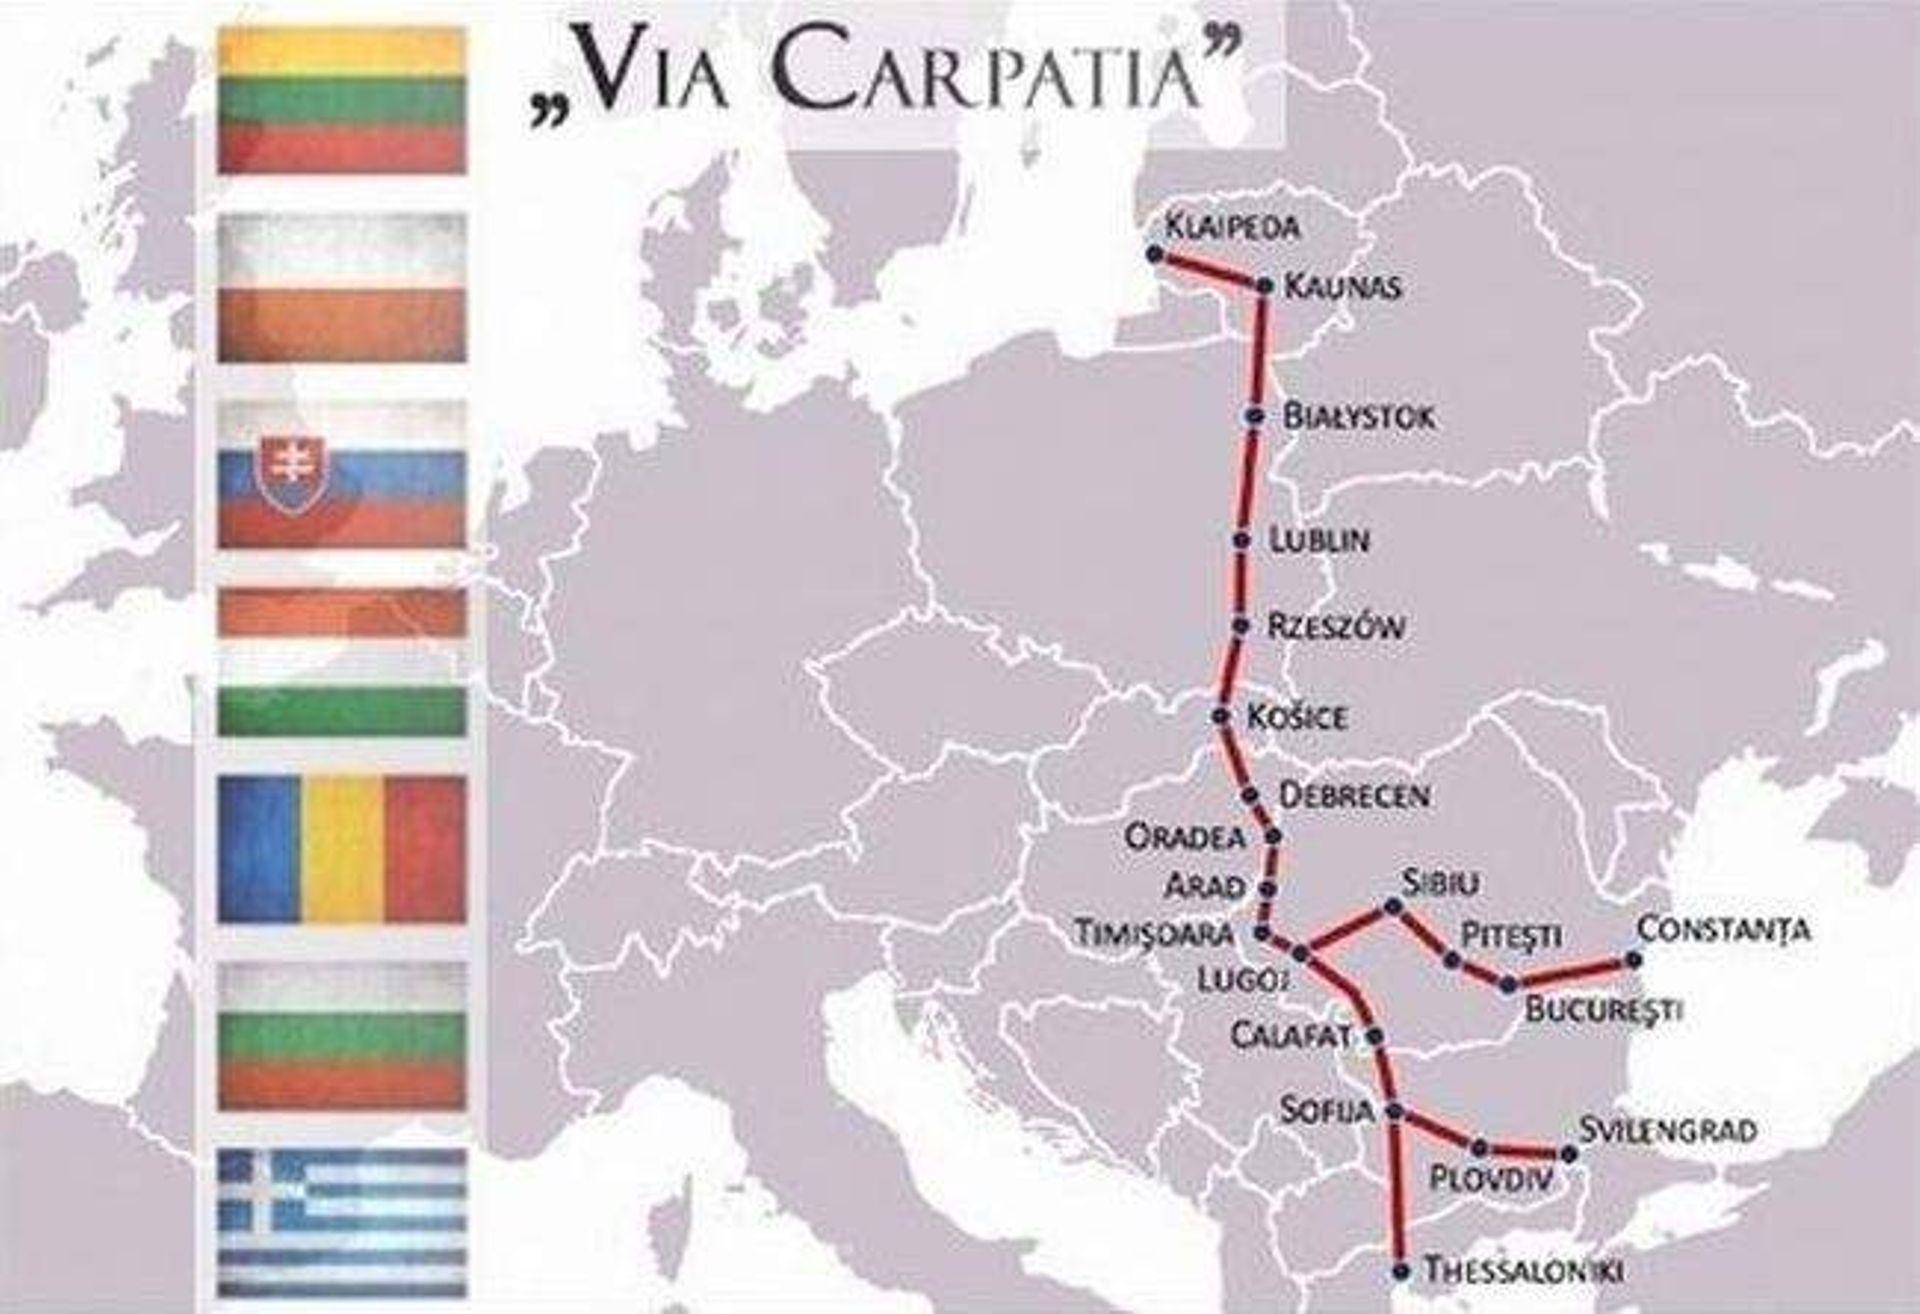 [Polska] Via Carpatia szansą dla Polski Wschodniej?